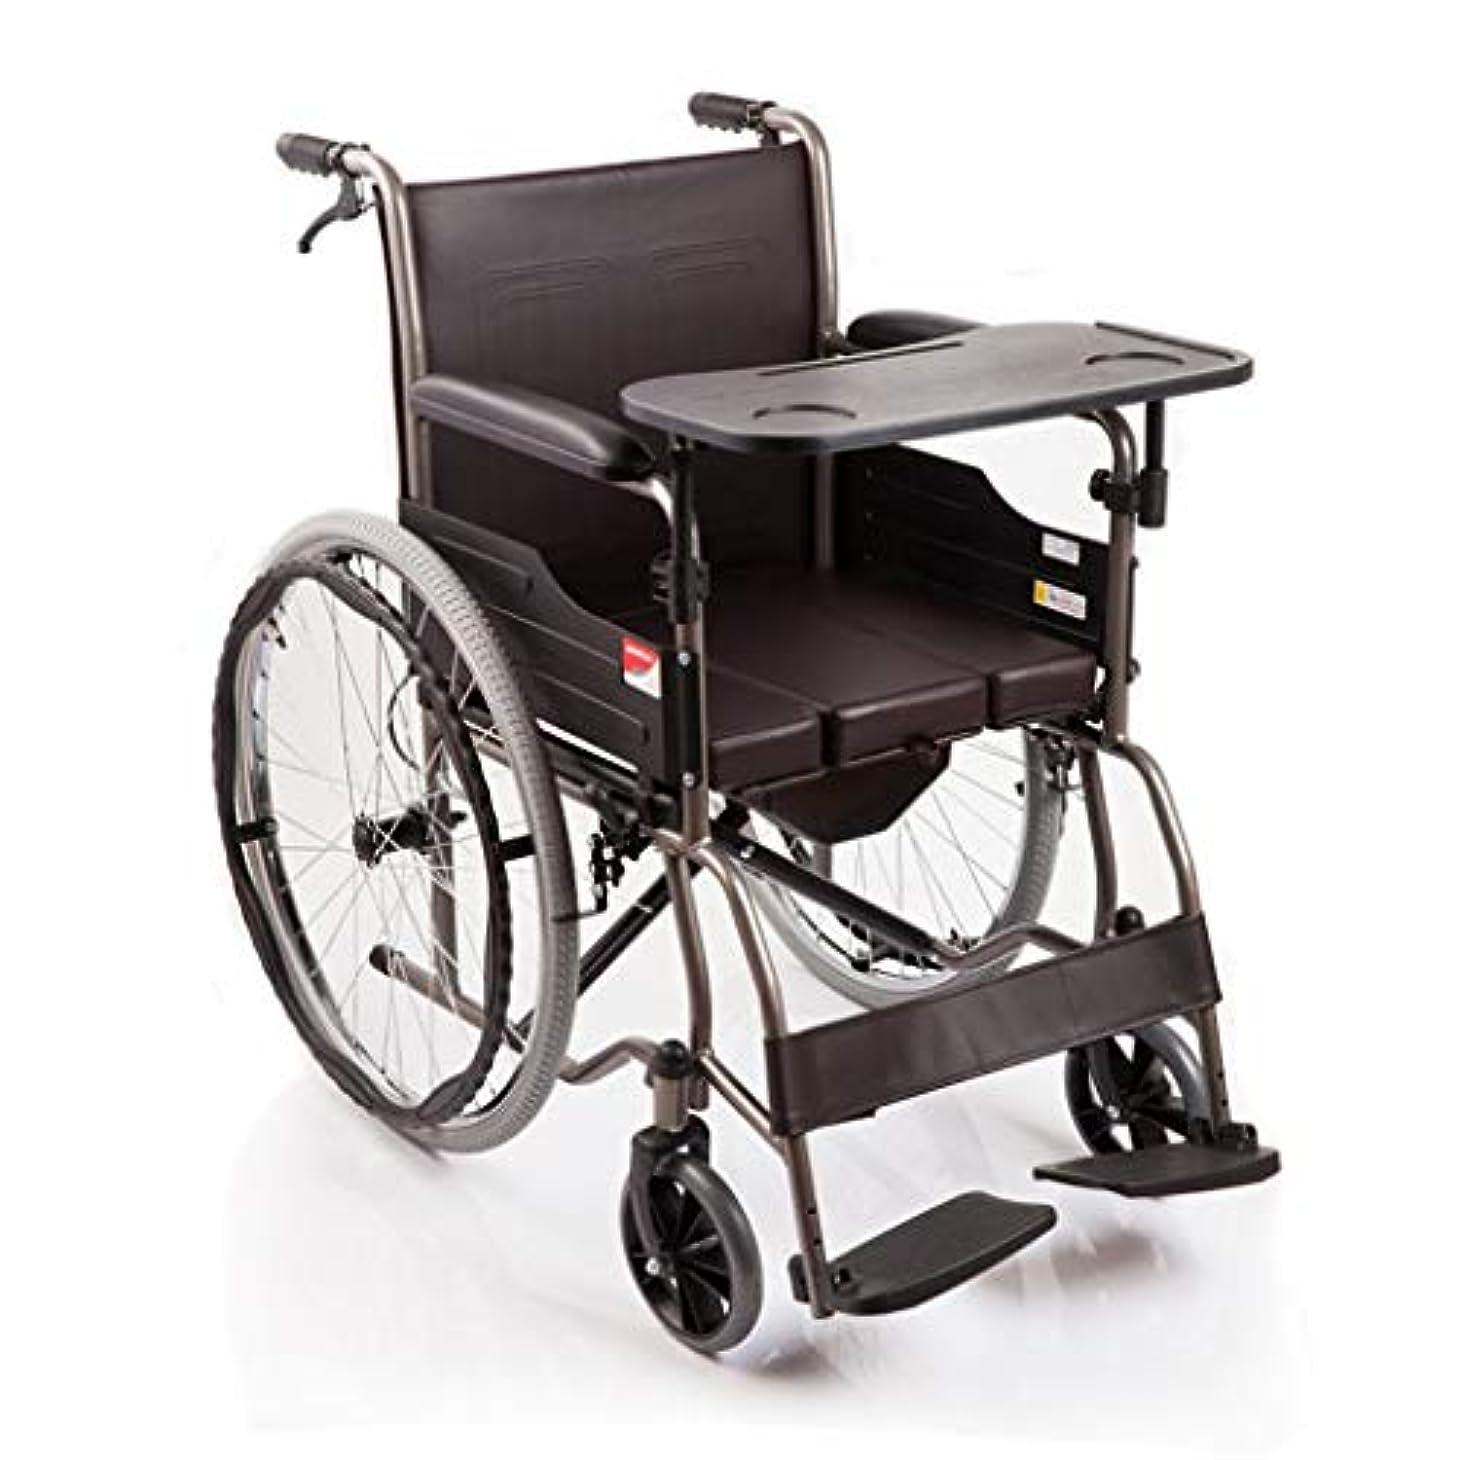 上へ高度ピース手動車椅子シミュレーションレザーシートクッション、多機能車椅子、高齢者用屋外折りたたみ式トイレデザイン車椅子